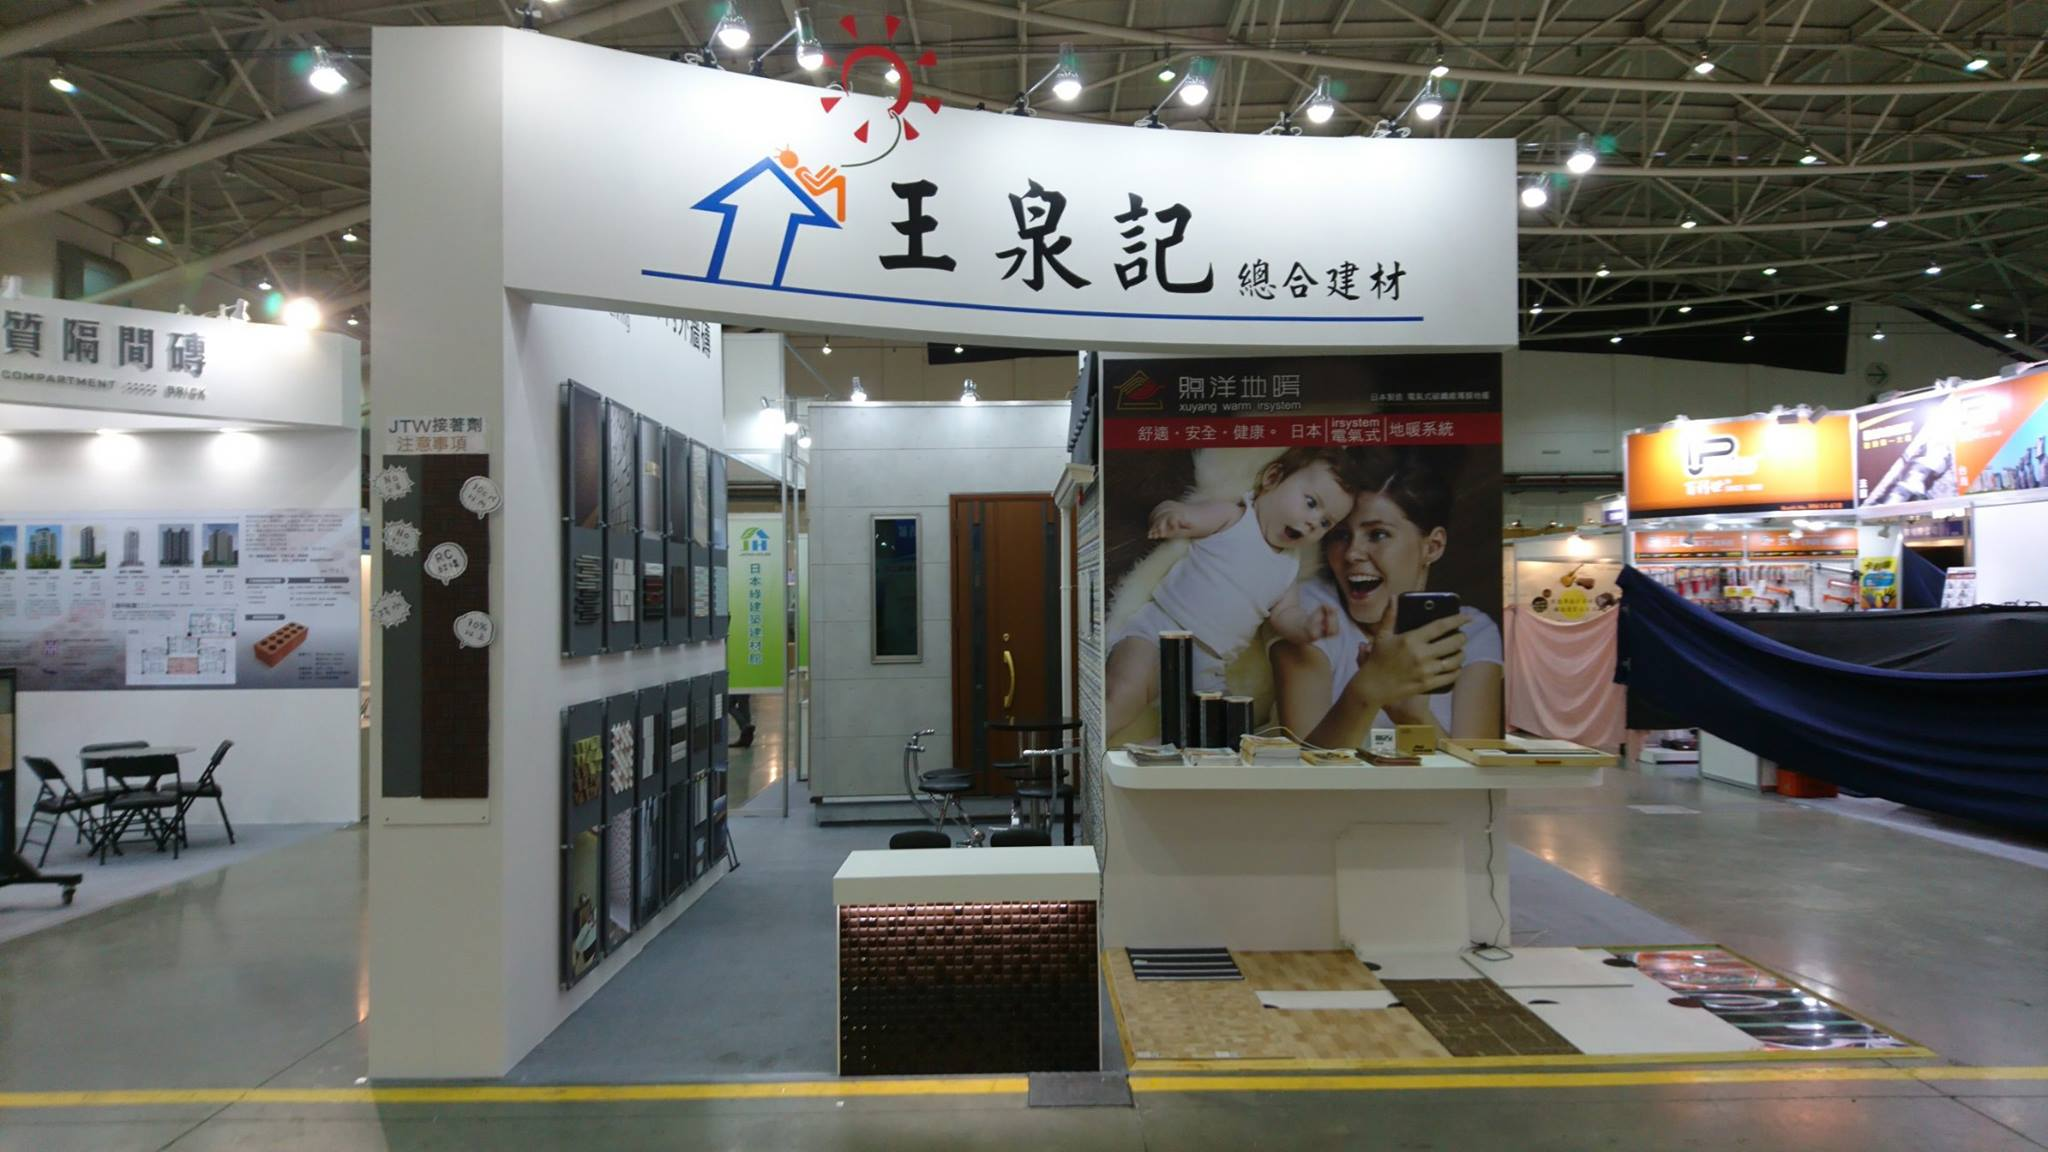 為期四天的2017台北國際建材展在南港展覽館盛大開幕了!